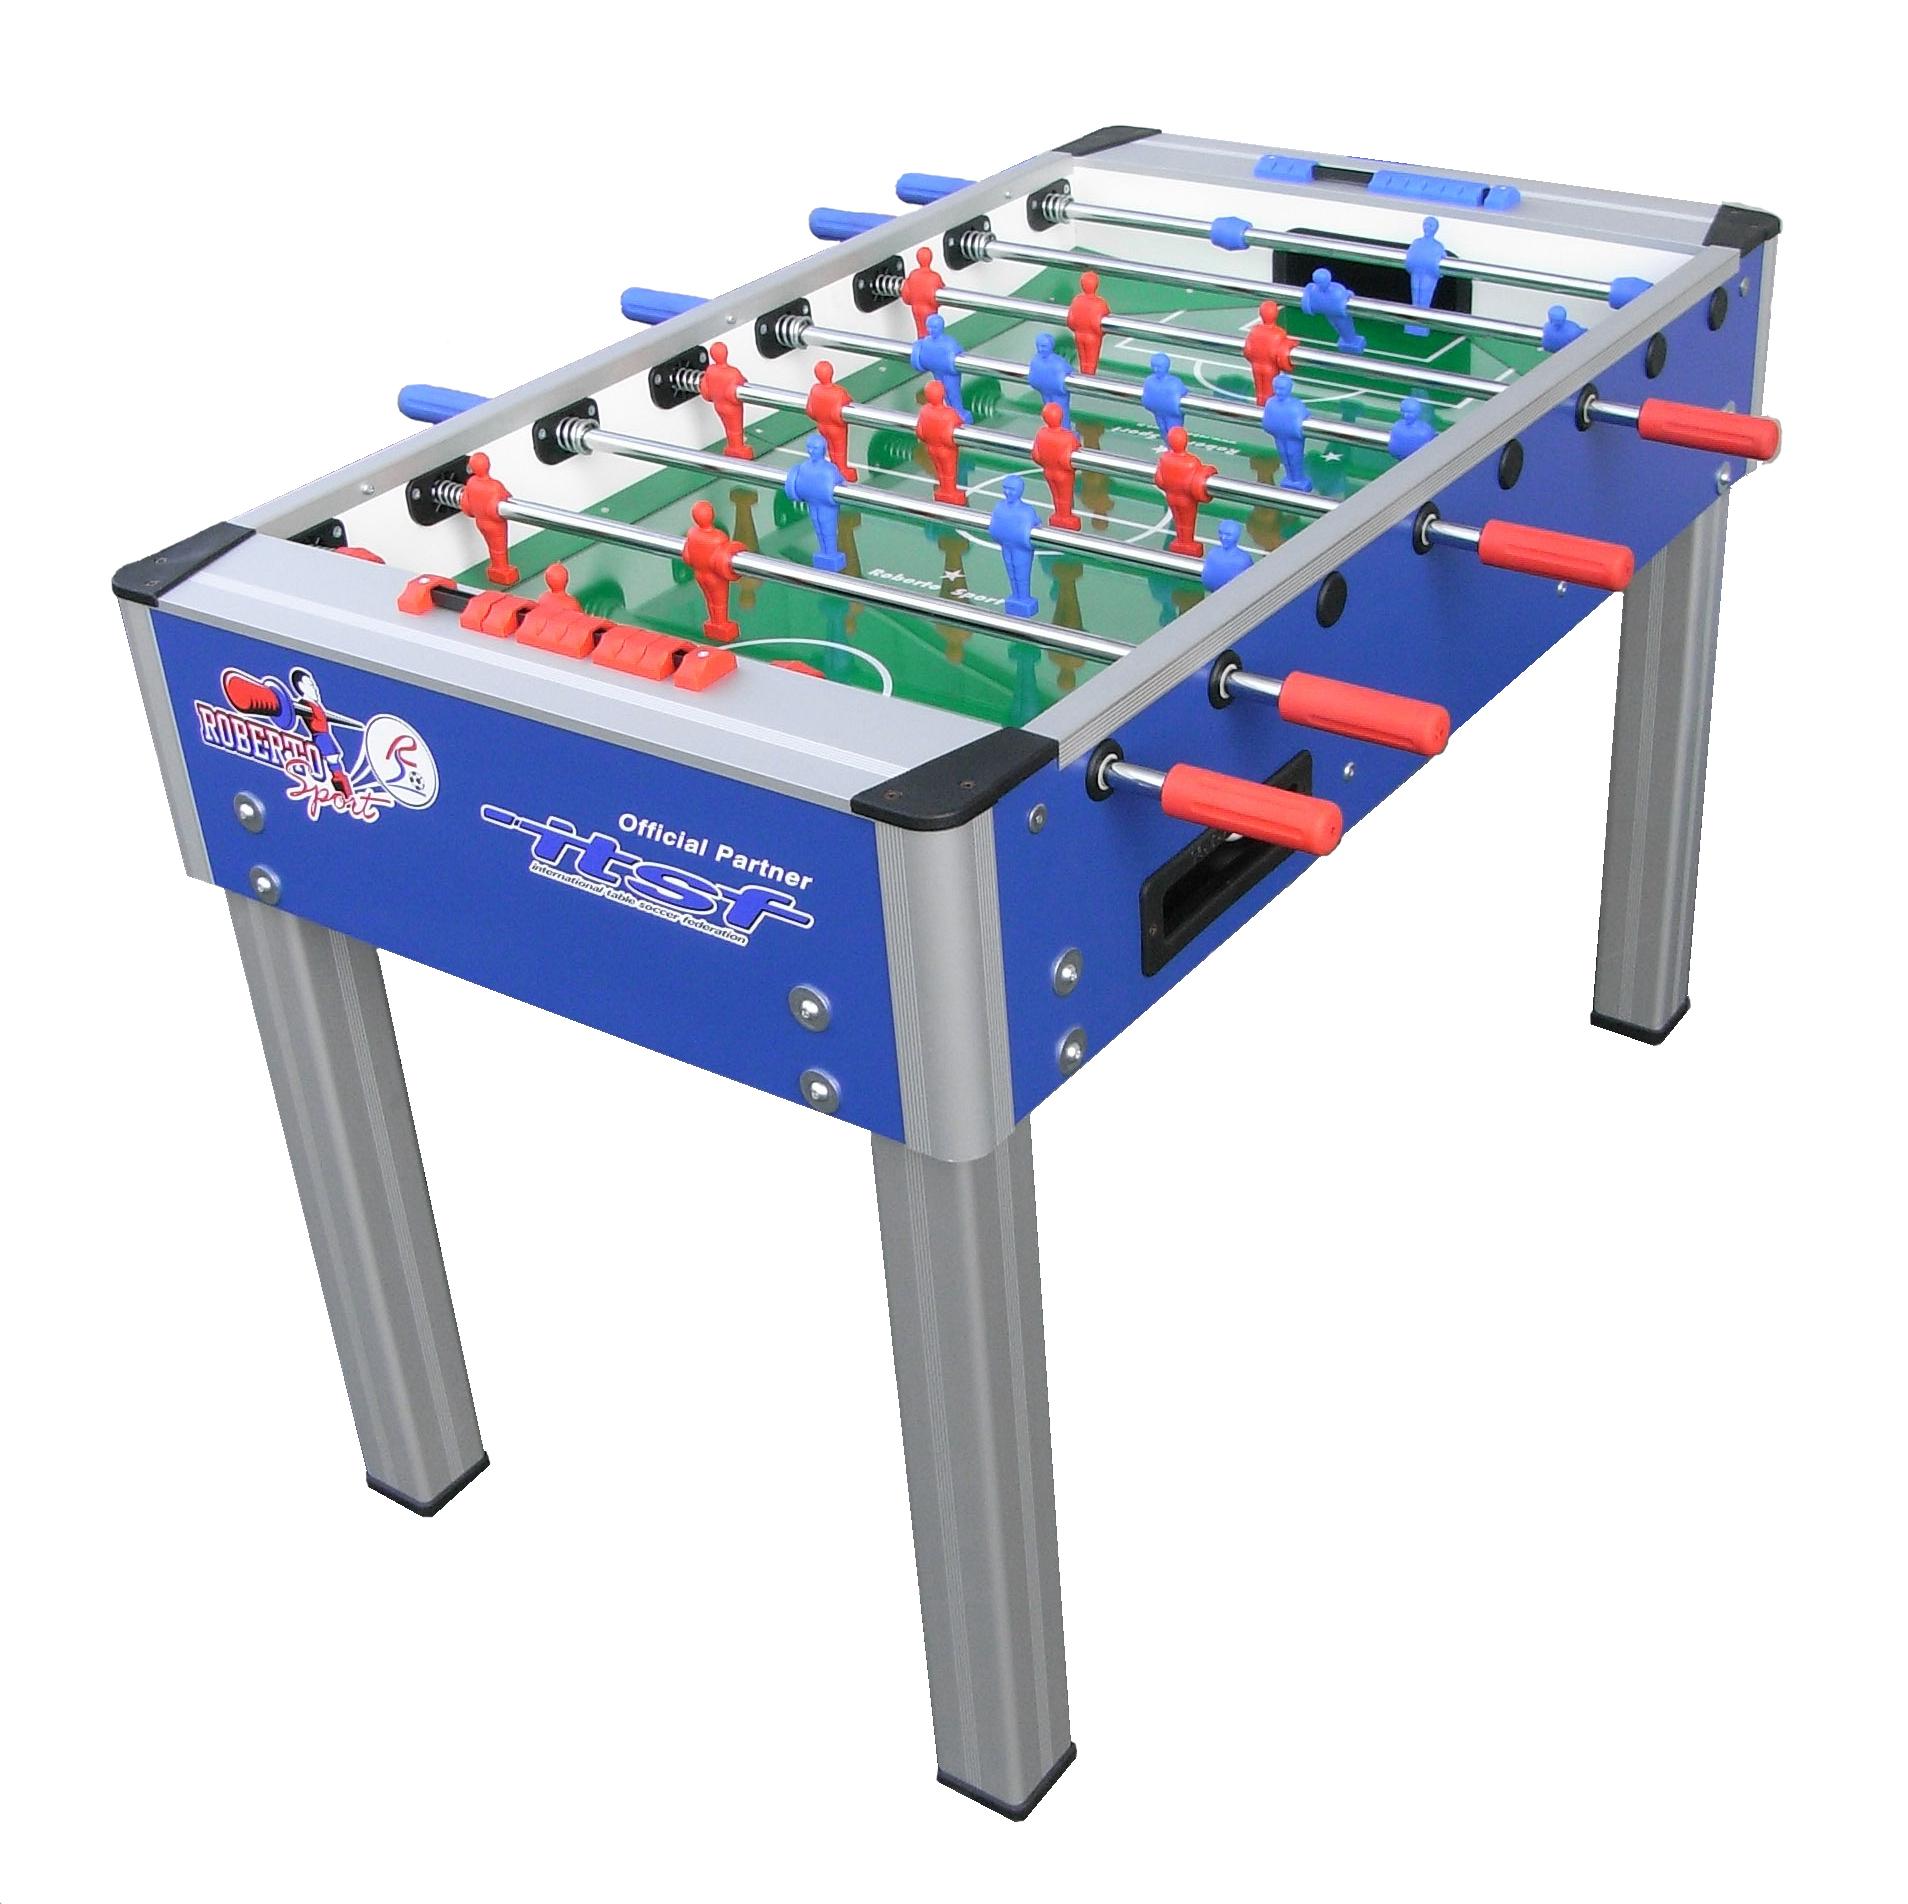 Table De Ping Pong Exterieur Occasion Luxe Photographie Table De Ping Pong Occasion Le Bon Coin Design De Maison